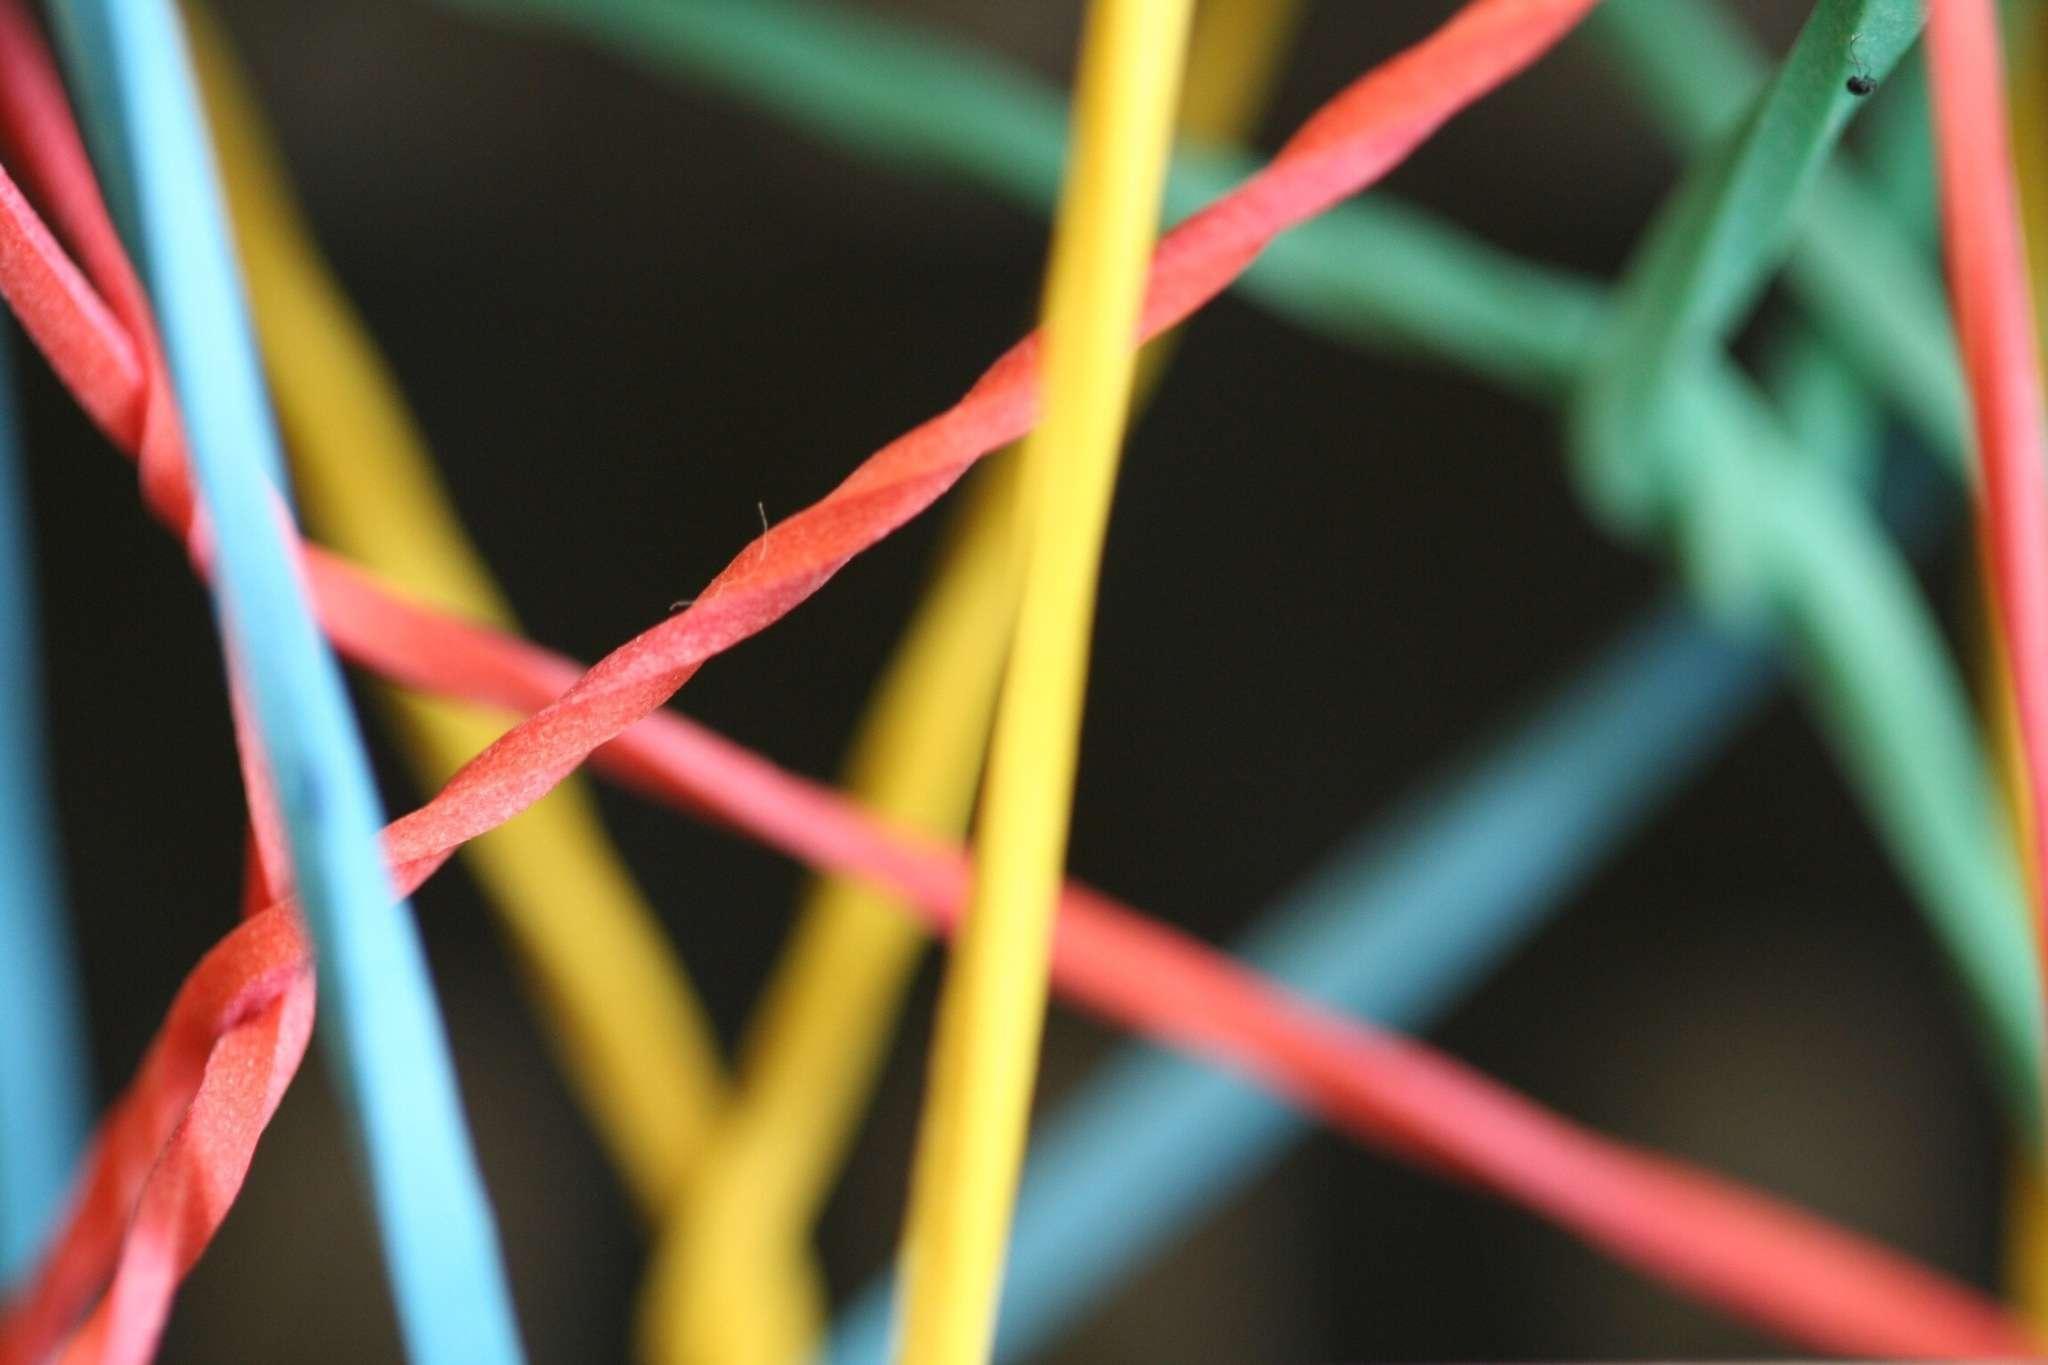 A multi-colored rubber band